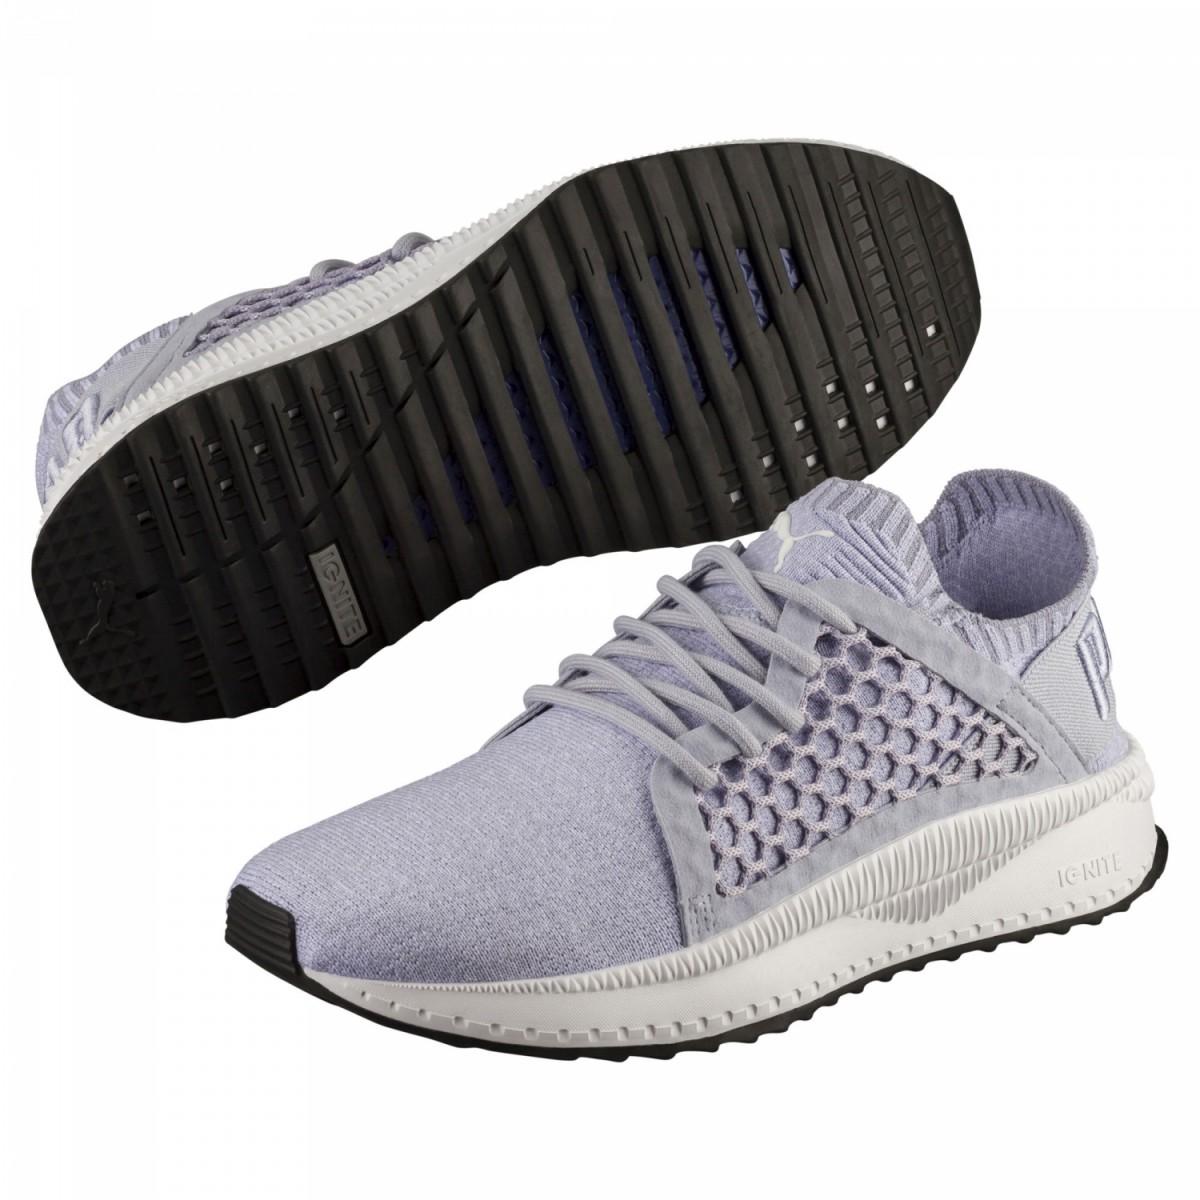 Puma Tsugi Netfit evoKnit Sneaker Damen Schuhe blau weiß